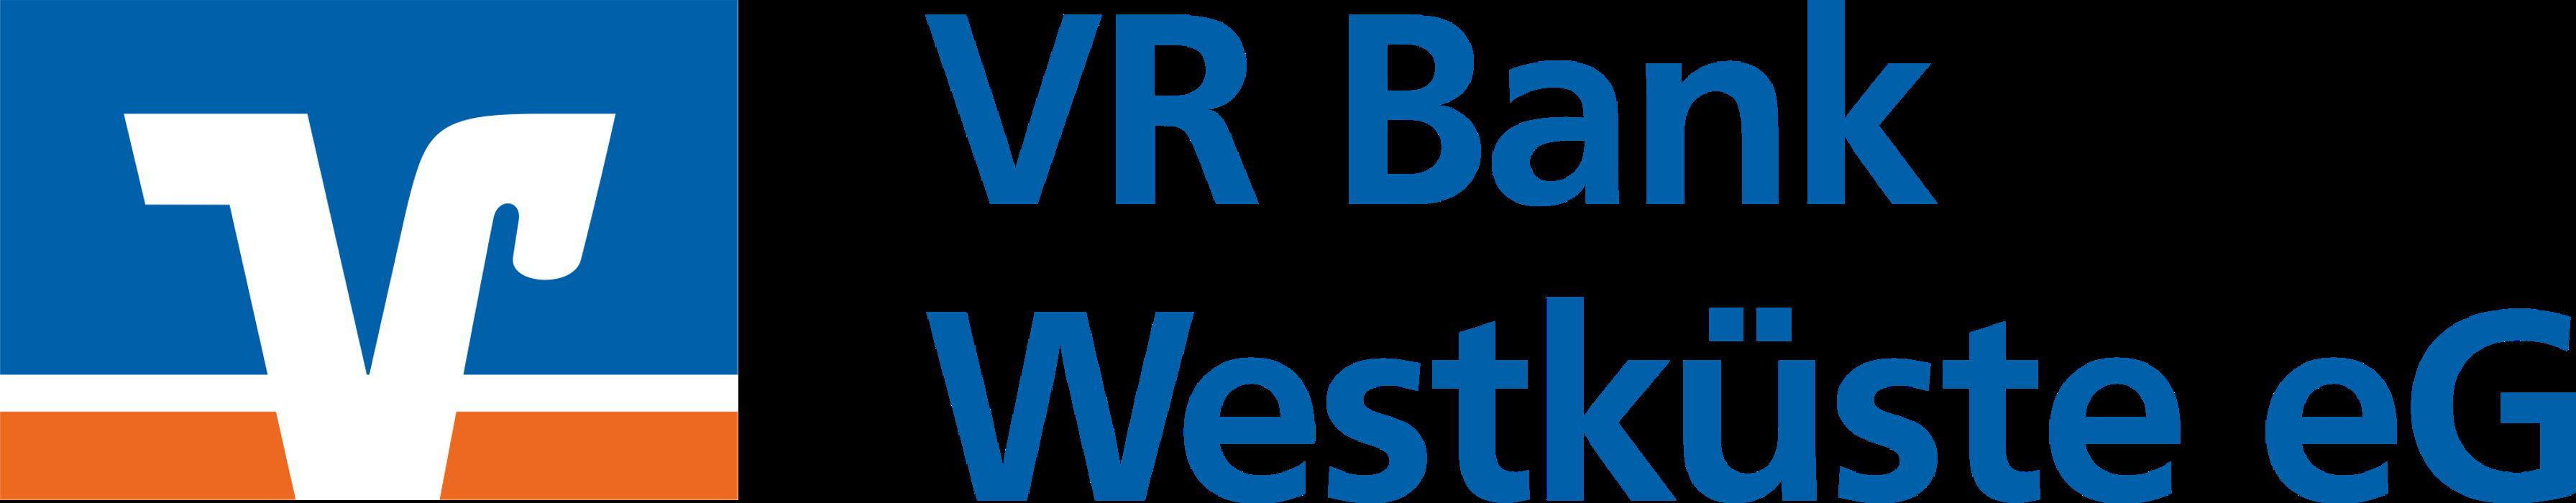 Logo von VR Bank Westküste eG Geschäftsstelle Oldenswort